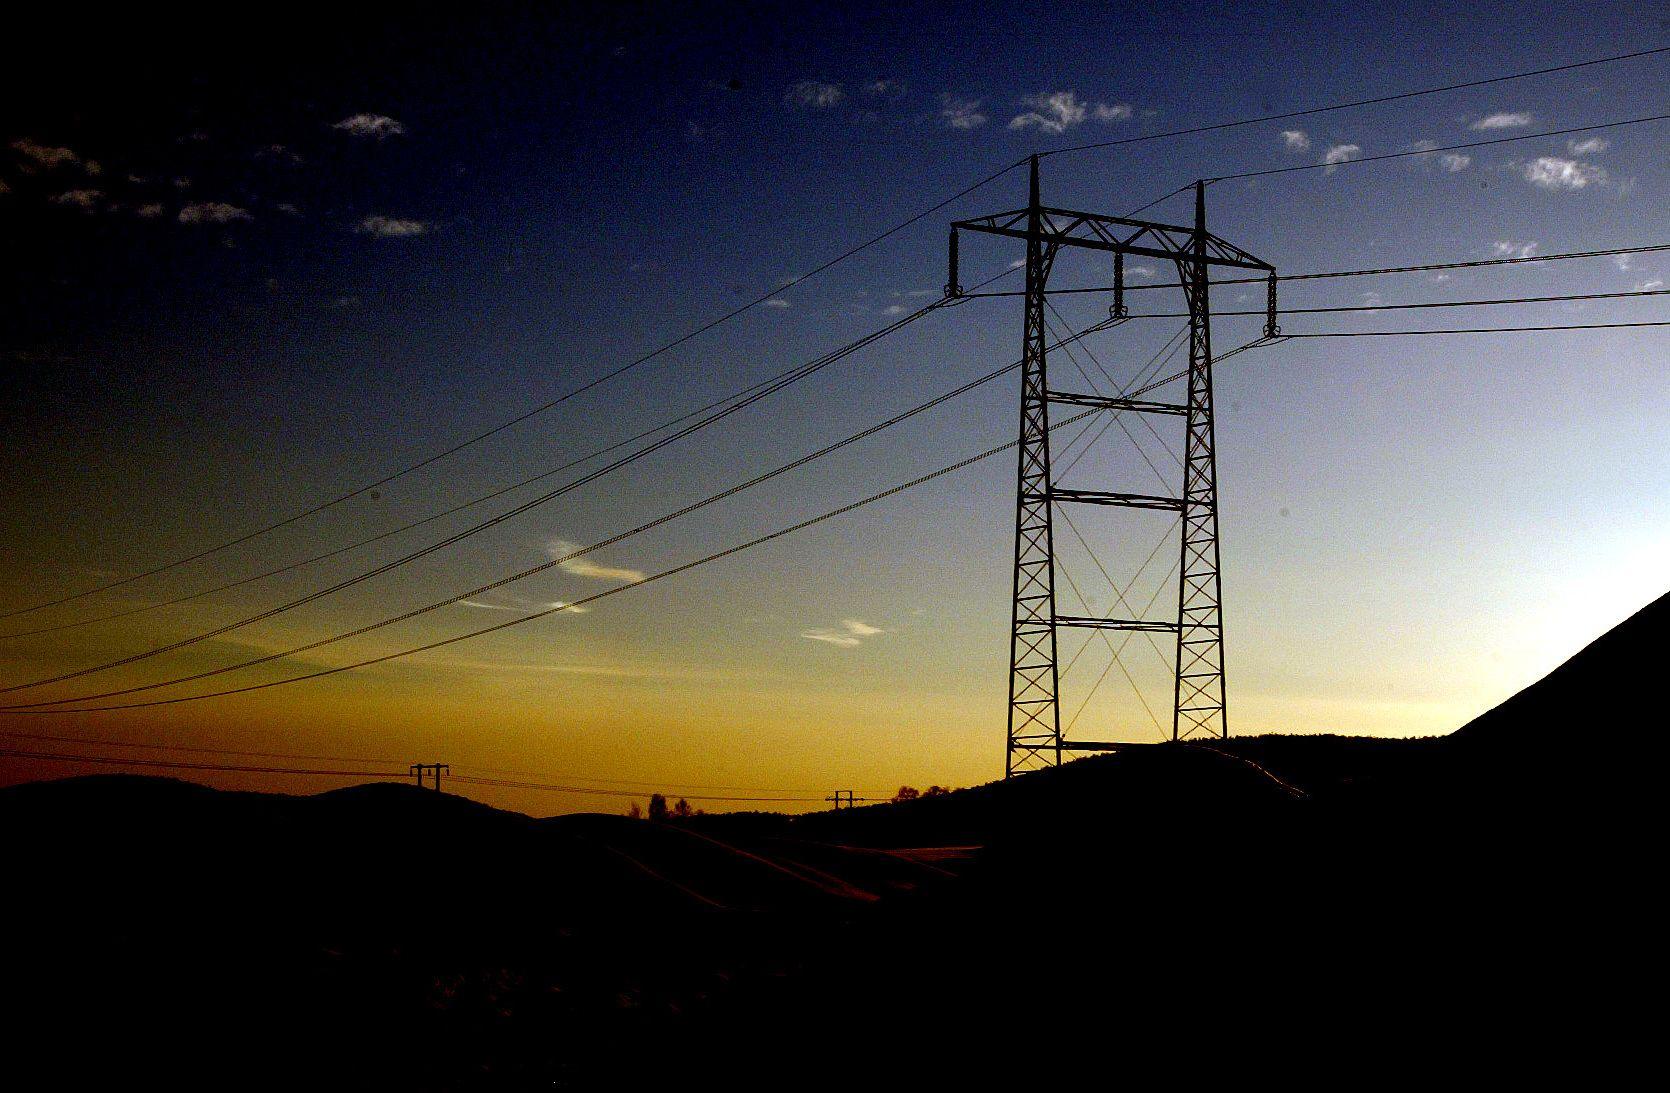 Dyr strøm og kald vinter. Kraftledninger går gjennom vinterlandskap. Strømforsyning. Klar kveldshimmel. Høyspent. Foto: Magnar Kirknes